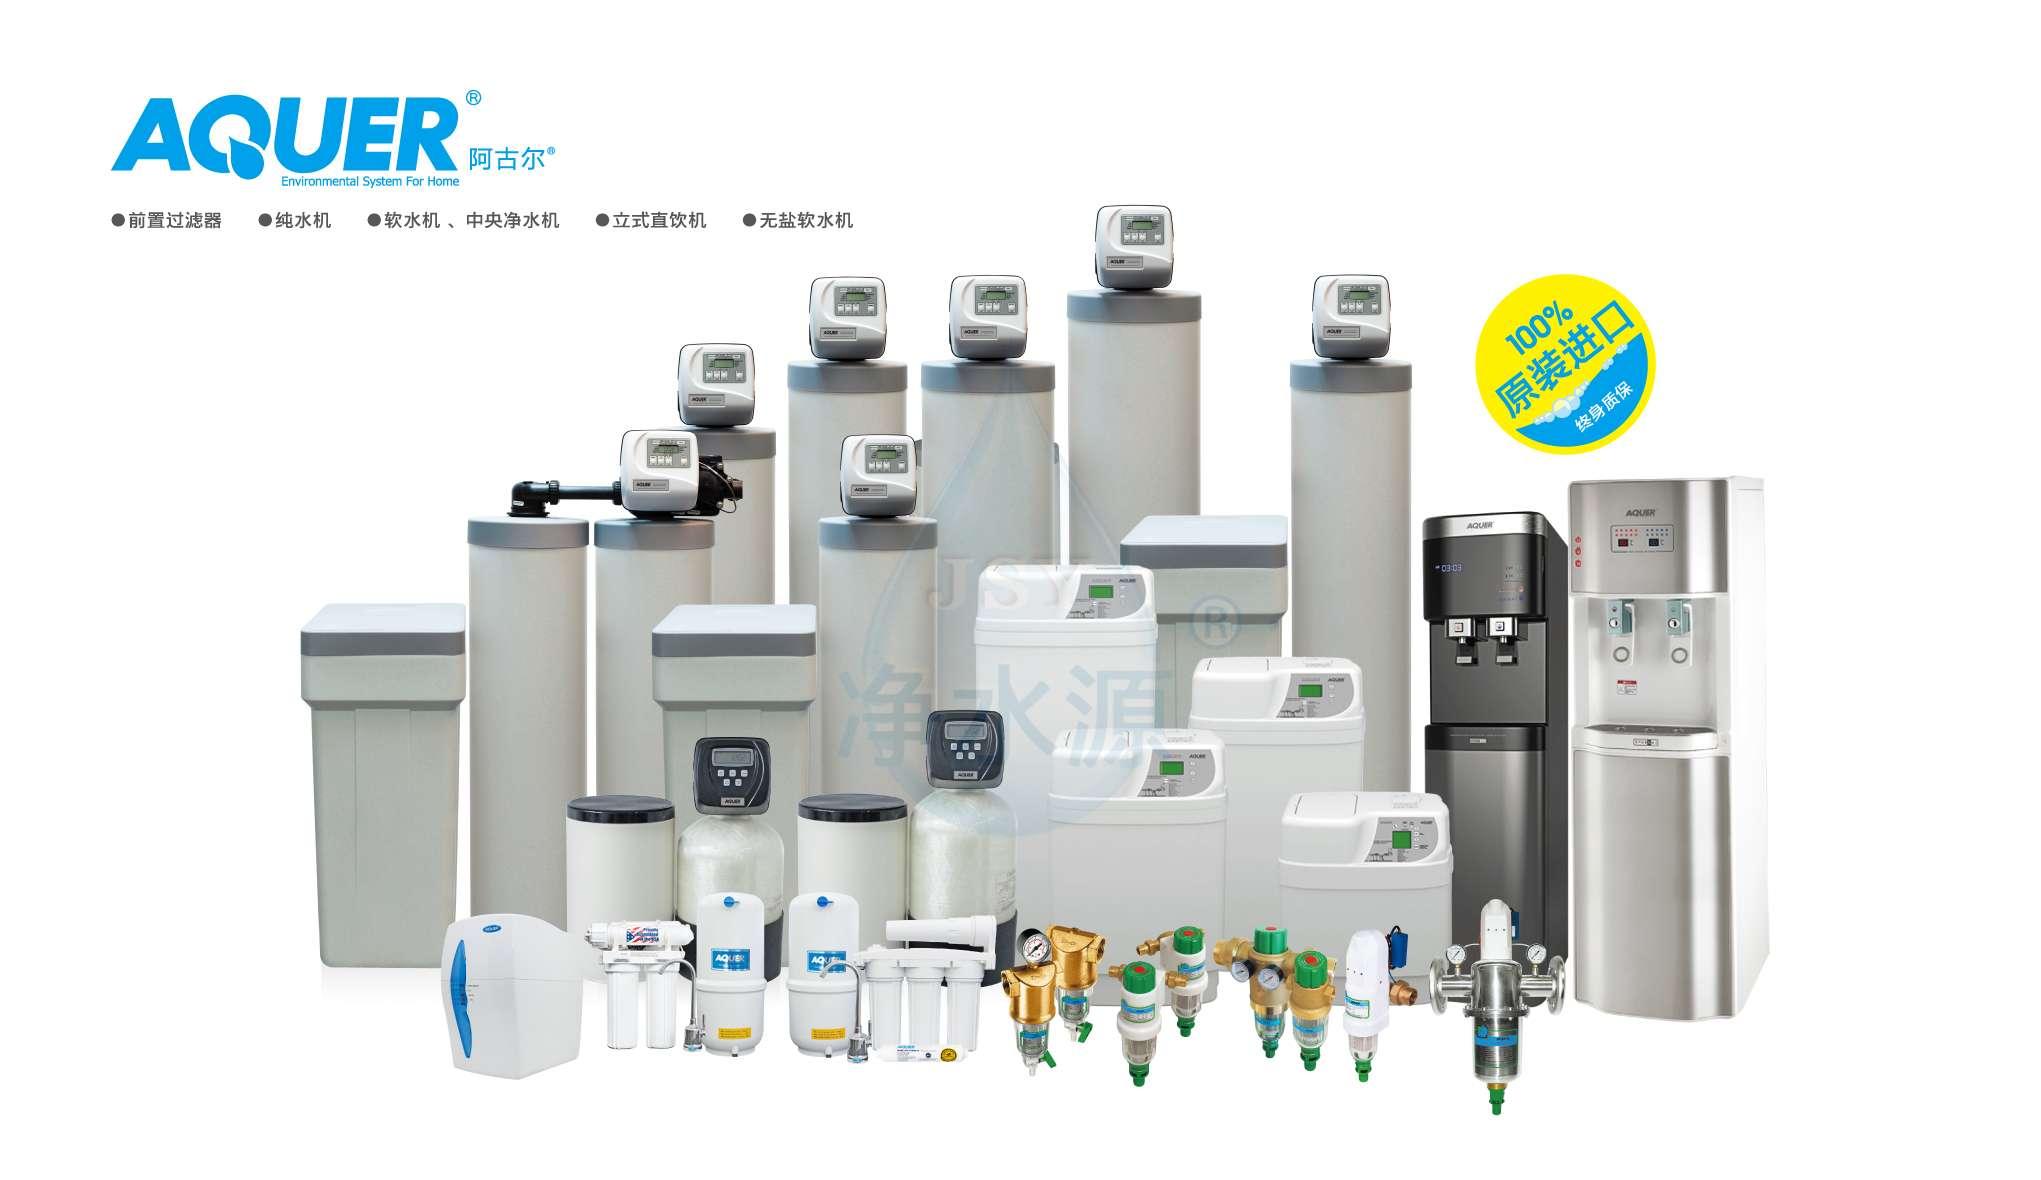 分享到: 阿古尔纯水机分体式/550g 品牌 : aguer 原产地 : 意大利